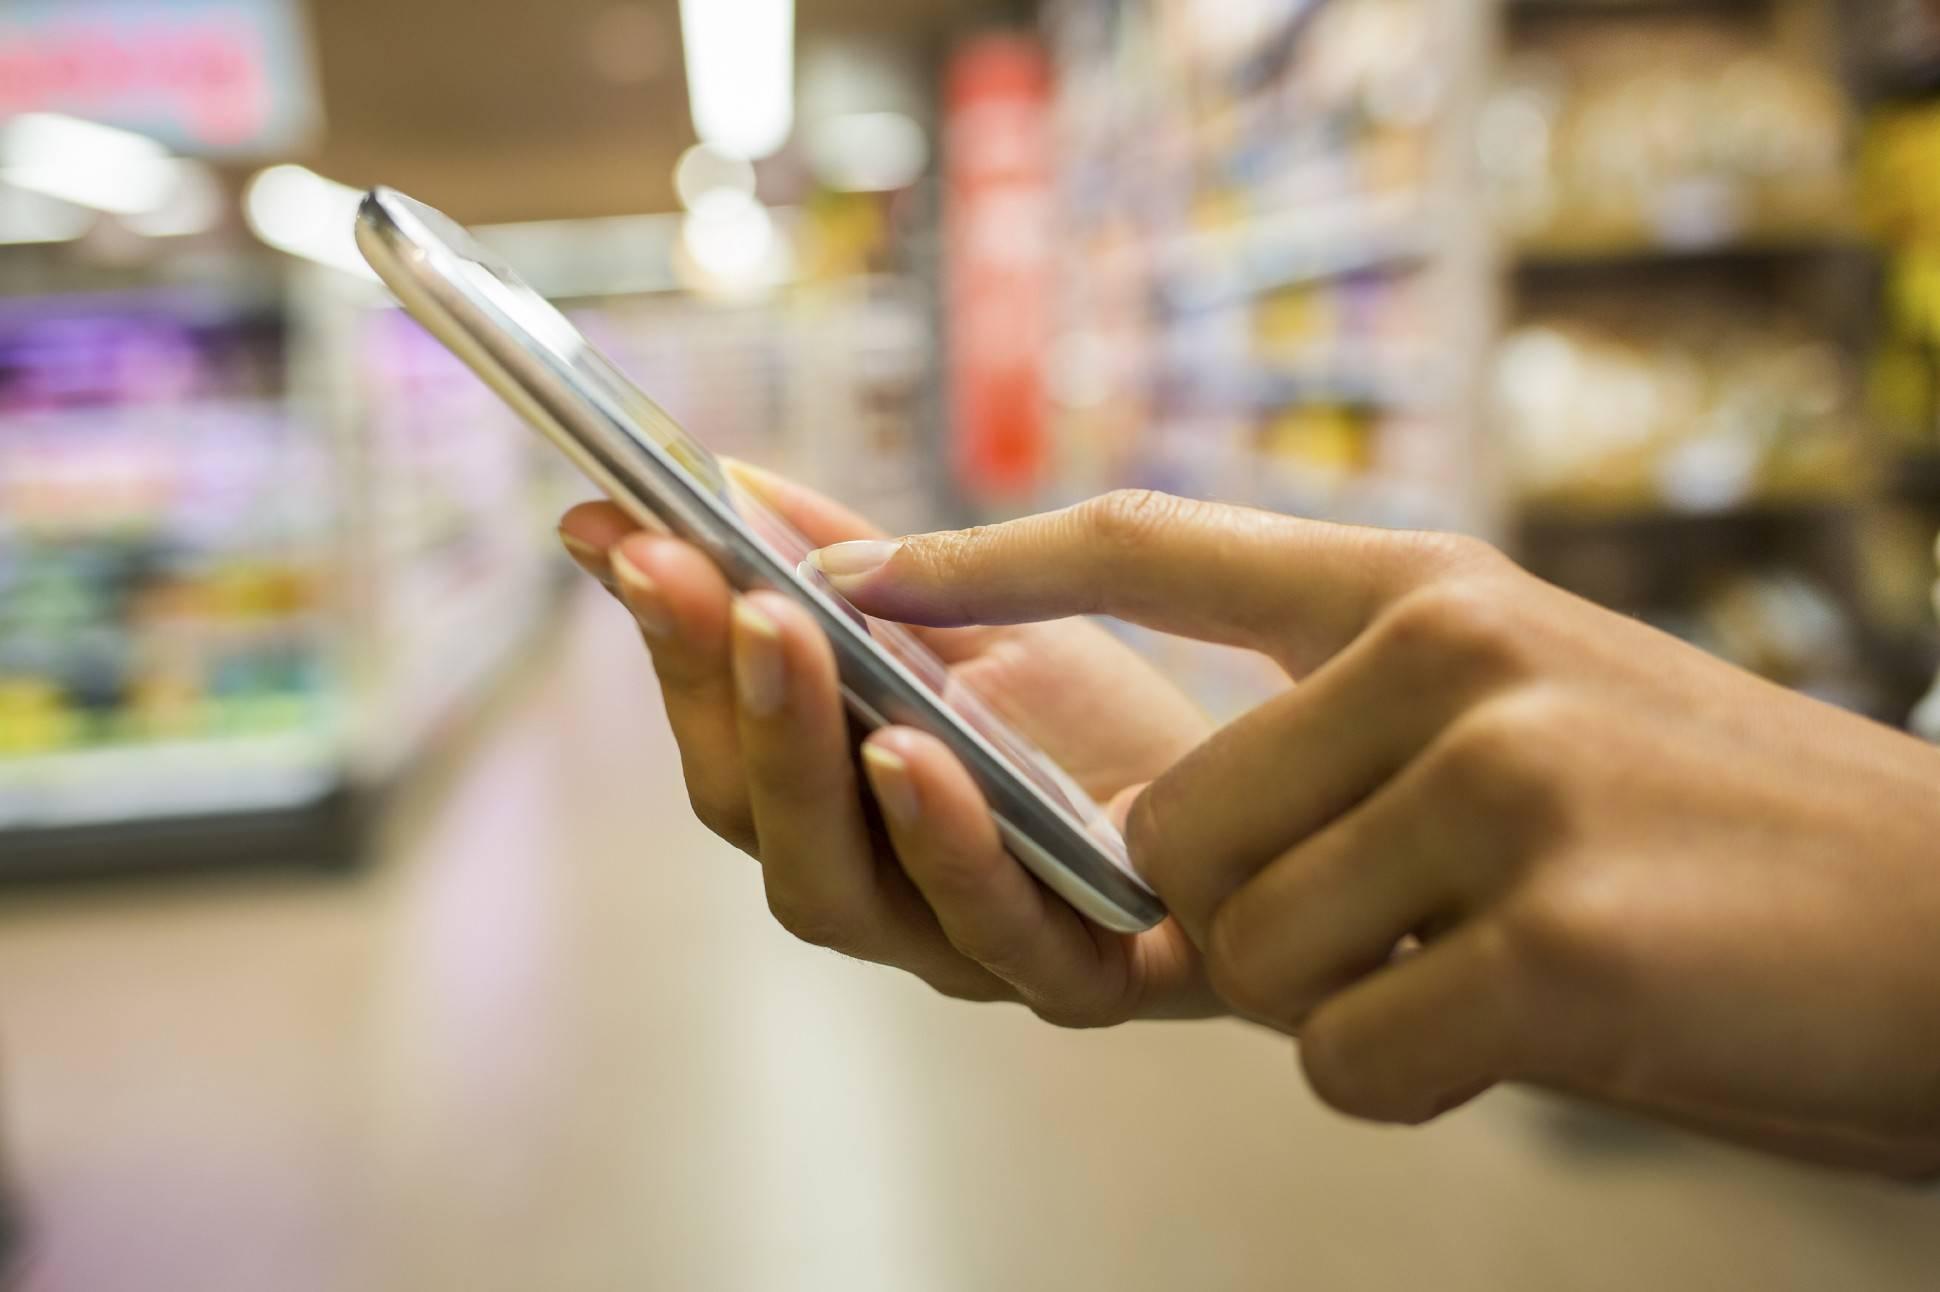 Supermercado chileno ahora permite pagar a través del smartphone